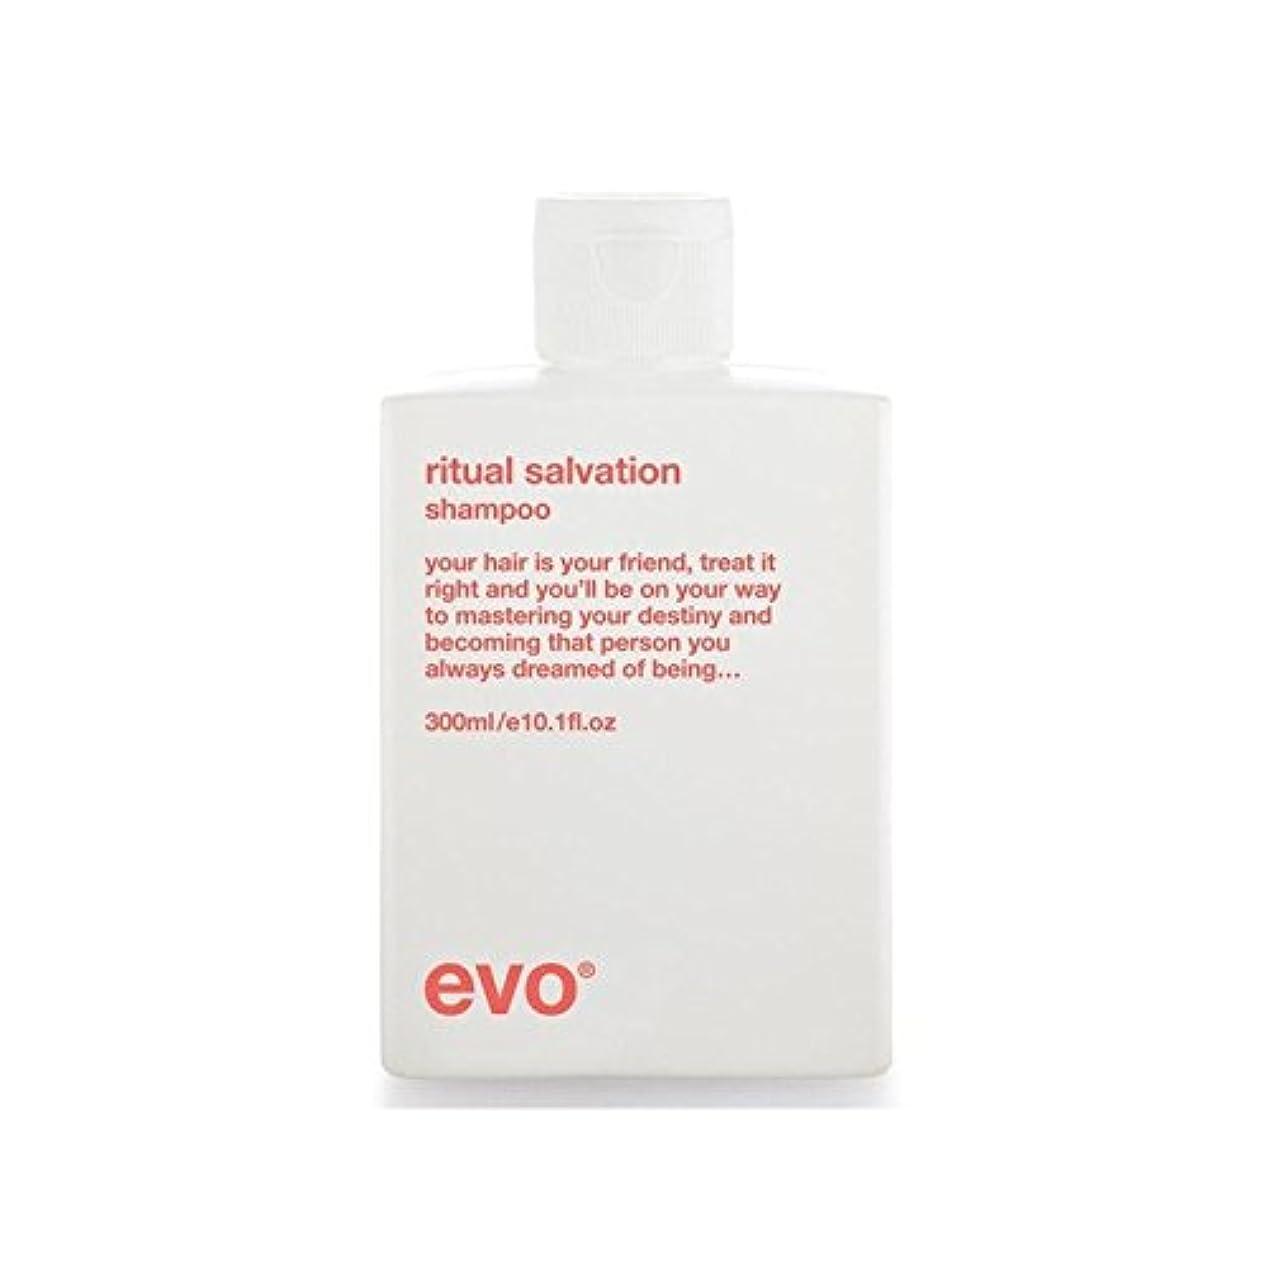 時制とは異なりトランクライブラリEvo Ritual Salvation Shampoo (300ml) - エボ儀式救いシャンプー(300ミリリットル) [並行輸入品]